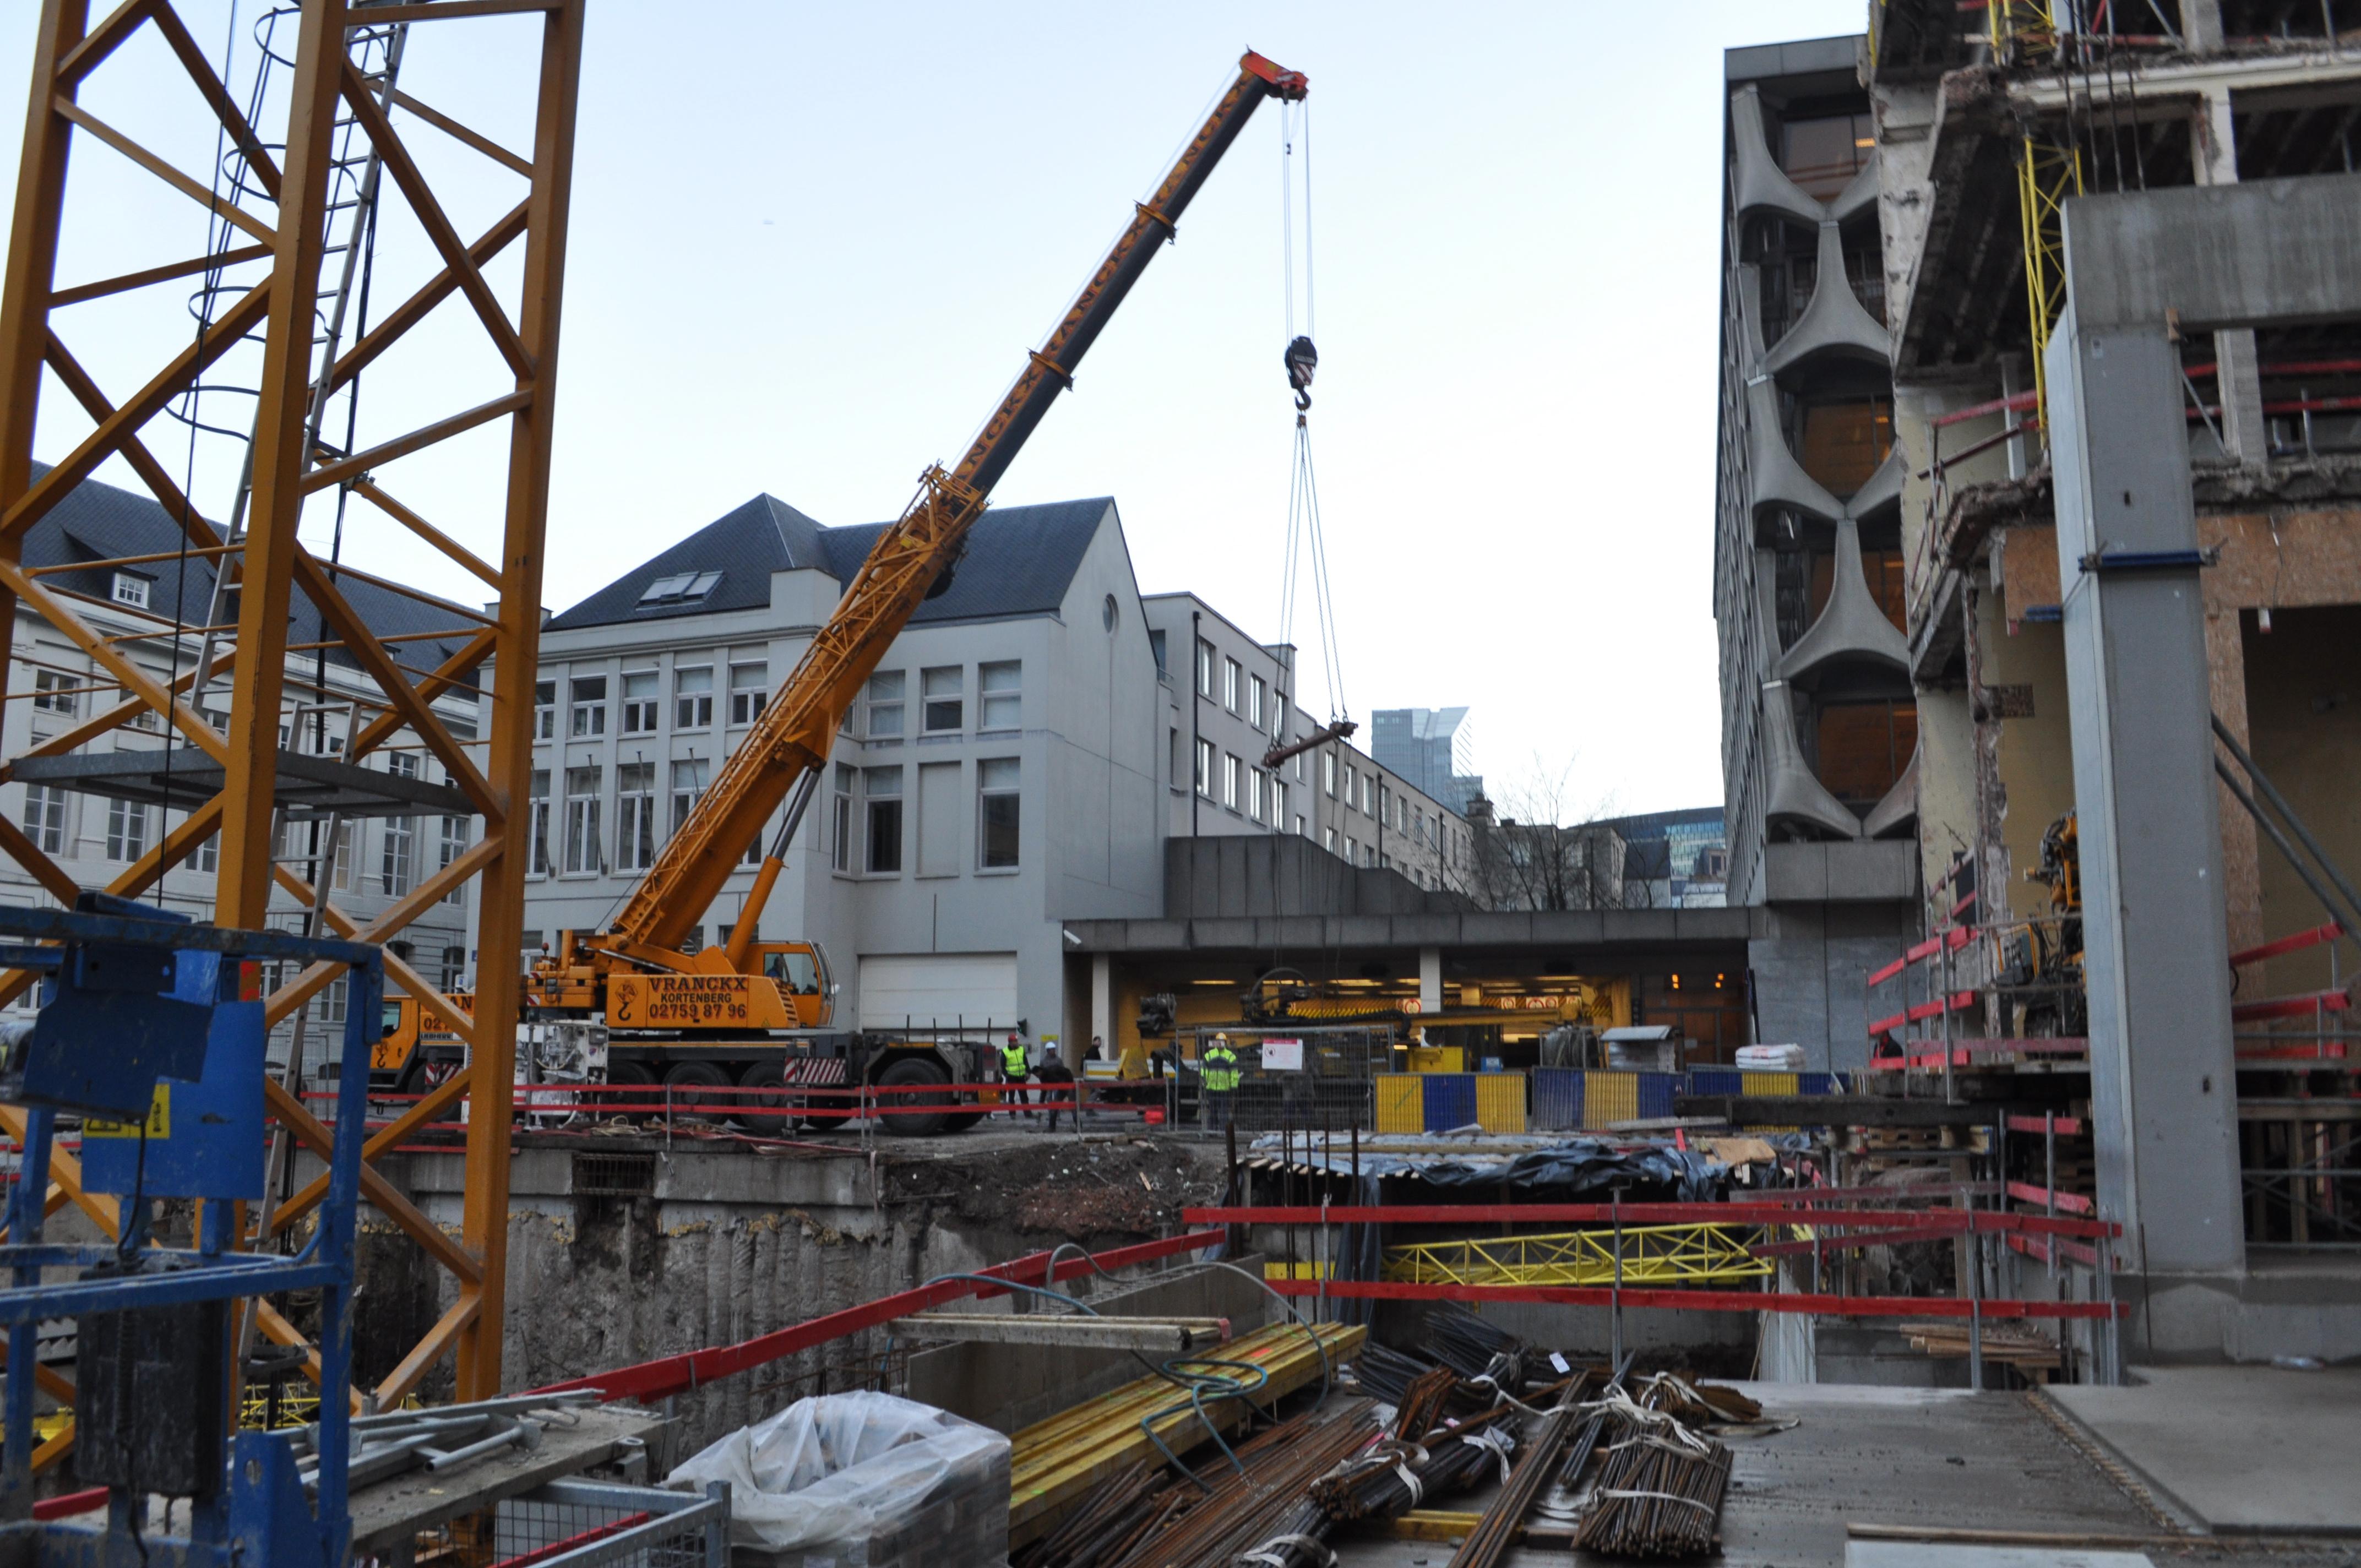 chantier-bruxelles-centre-forage-installation-pompe-puits-geothermie-eurodrill-liege-belgique-19